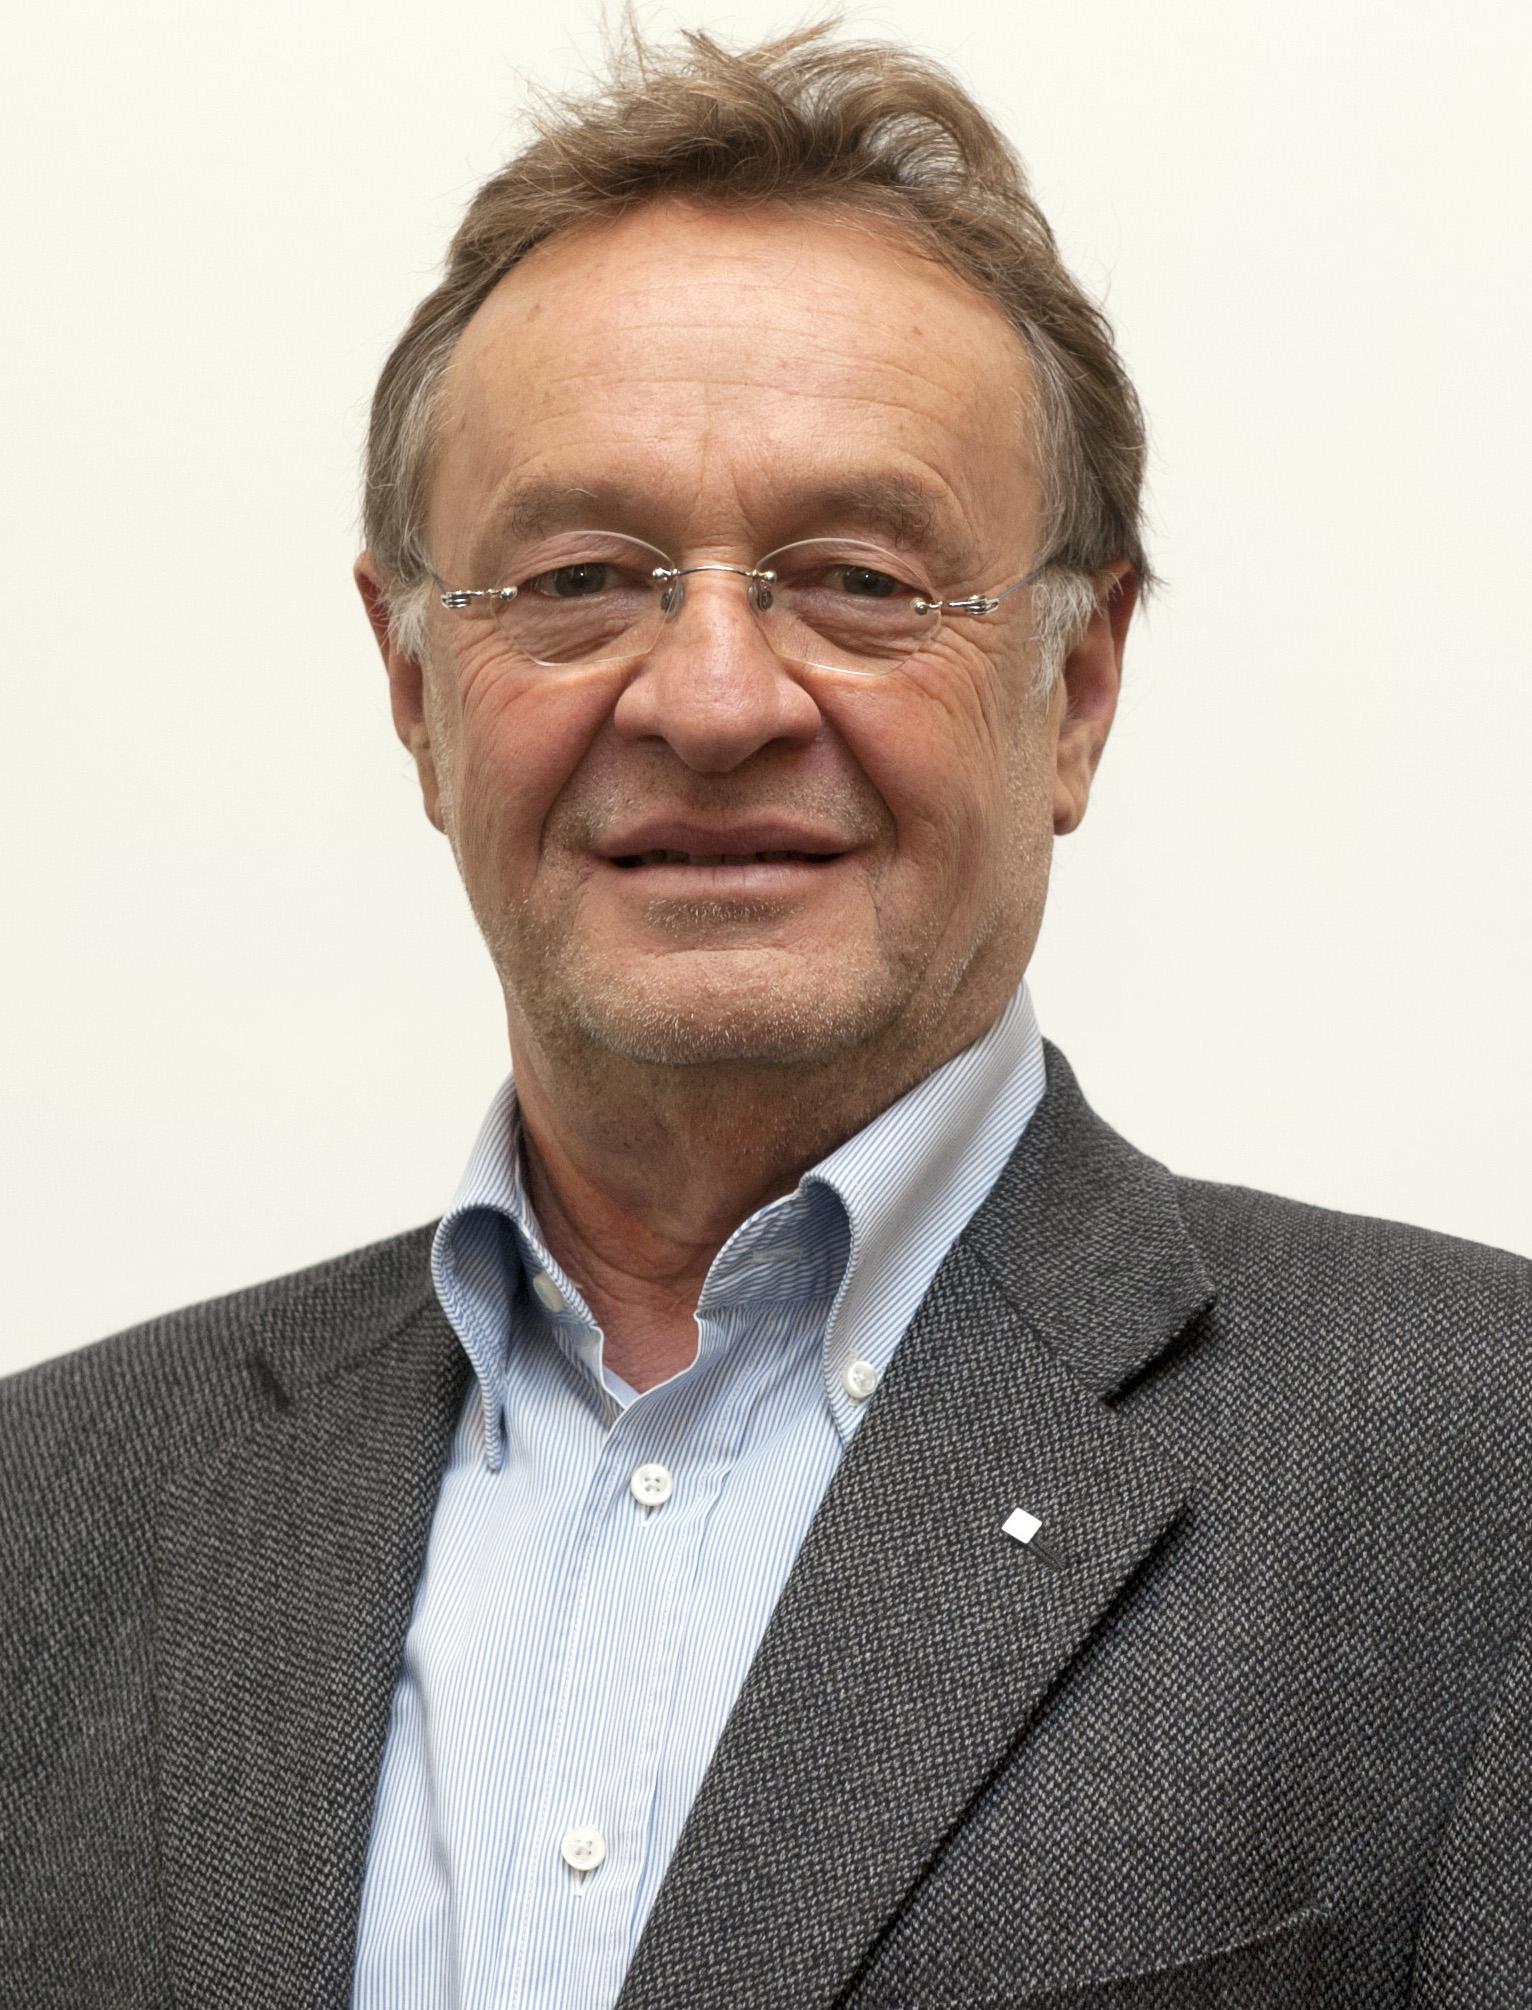 Josef König hat den idw gemeinsam mit anderen vor 20 Jahren gegründet. Heute ist er der Chef des Dienstleisters. Foto: Marion Nelle